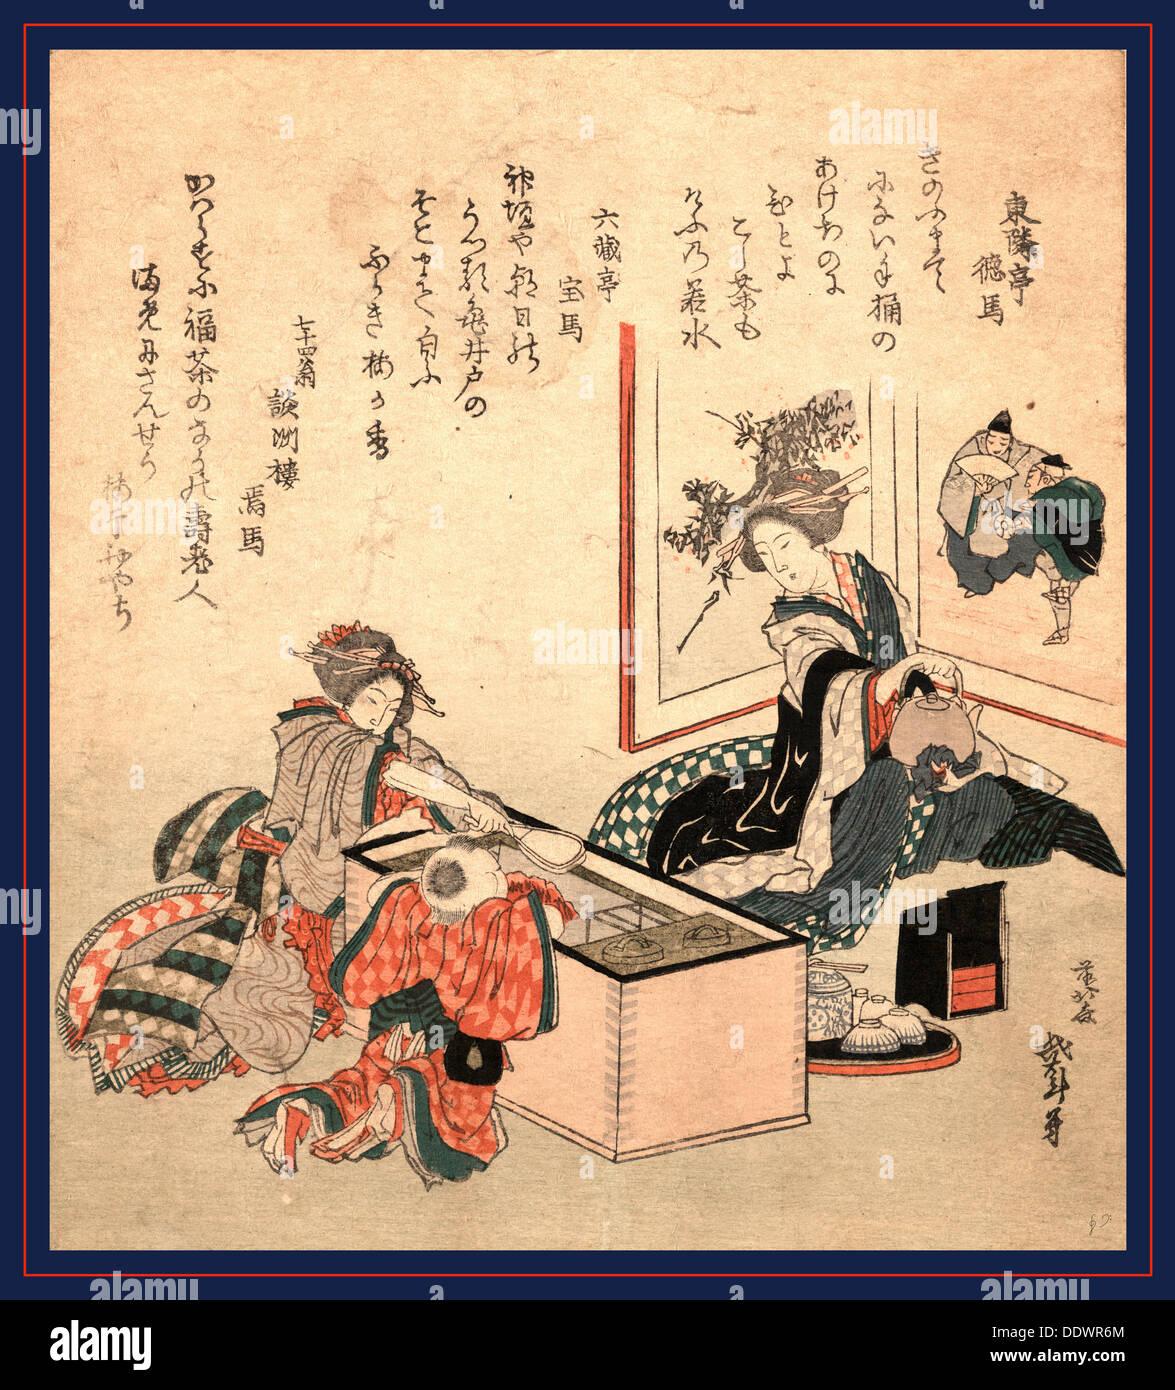 """Résultat de recherche d'images pour """"hokusai surimono 1816 le premier thé de l'année"""""""